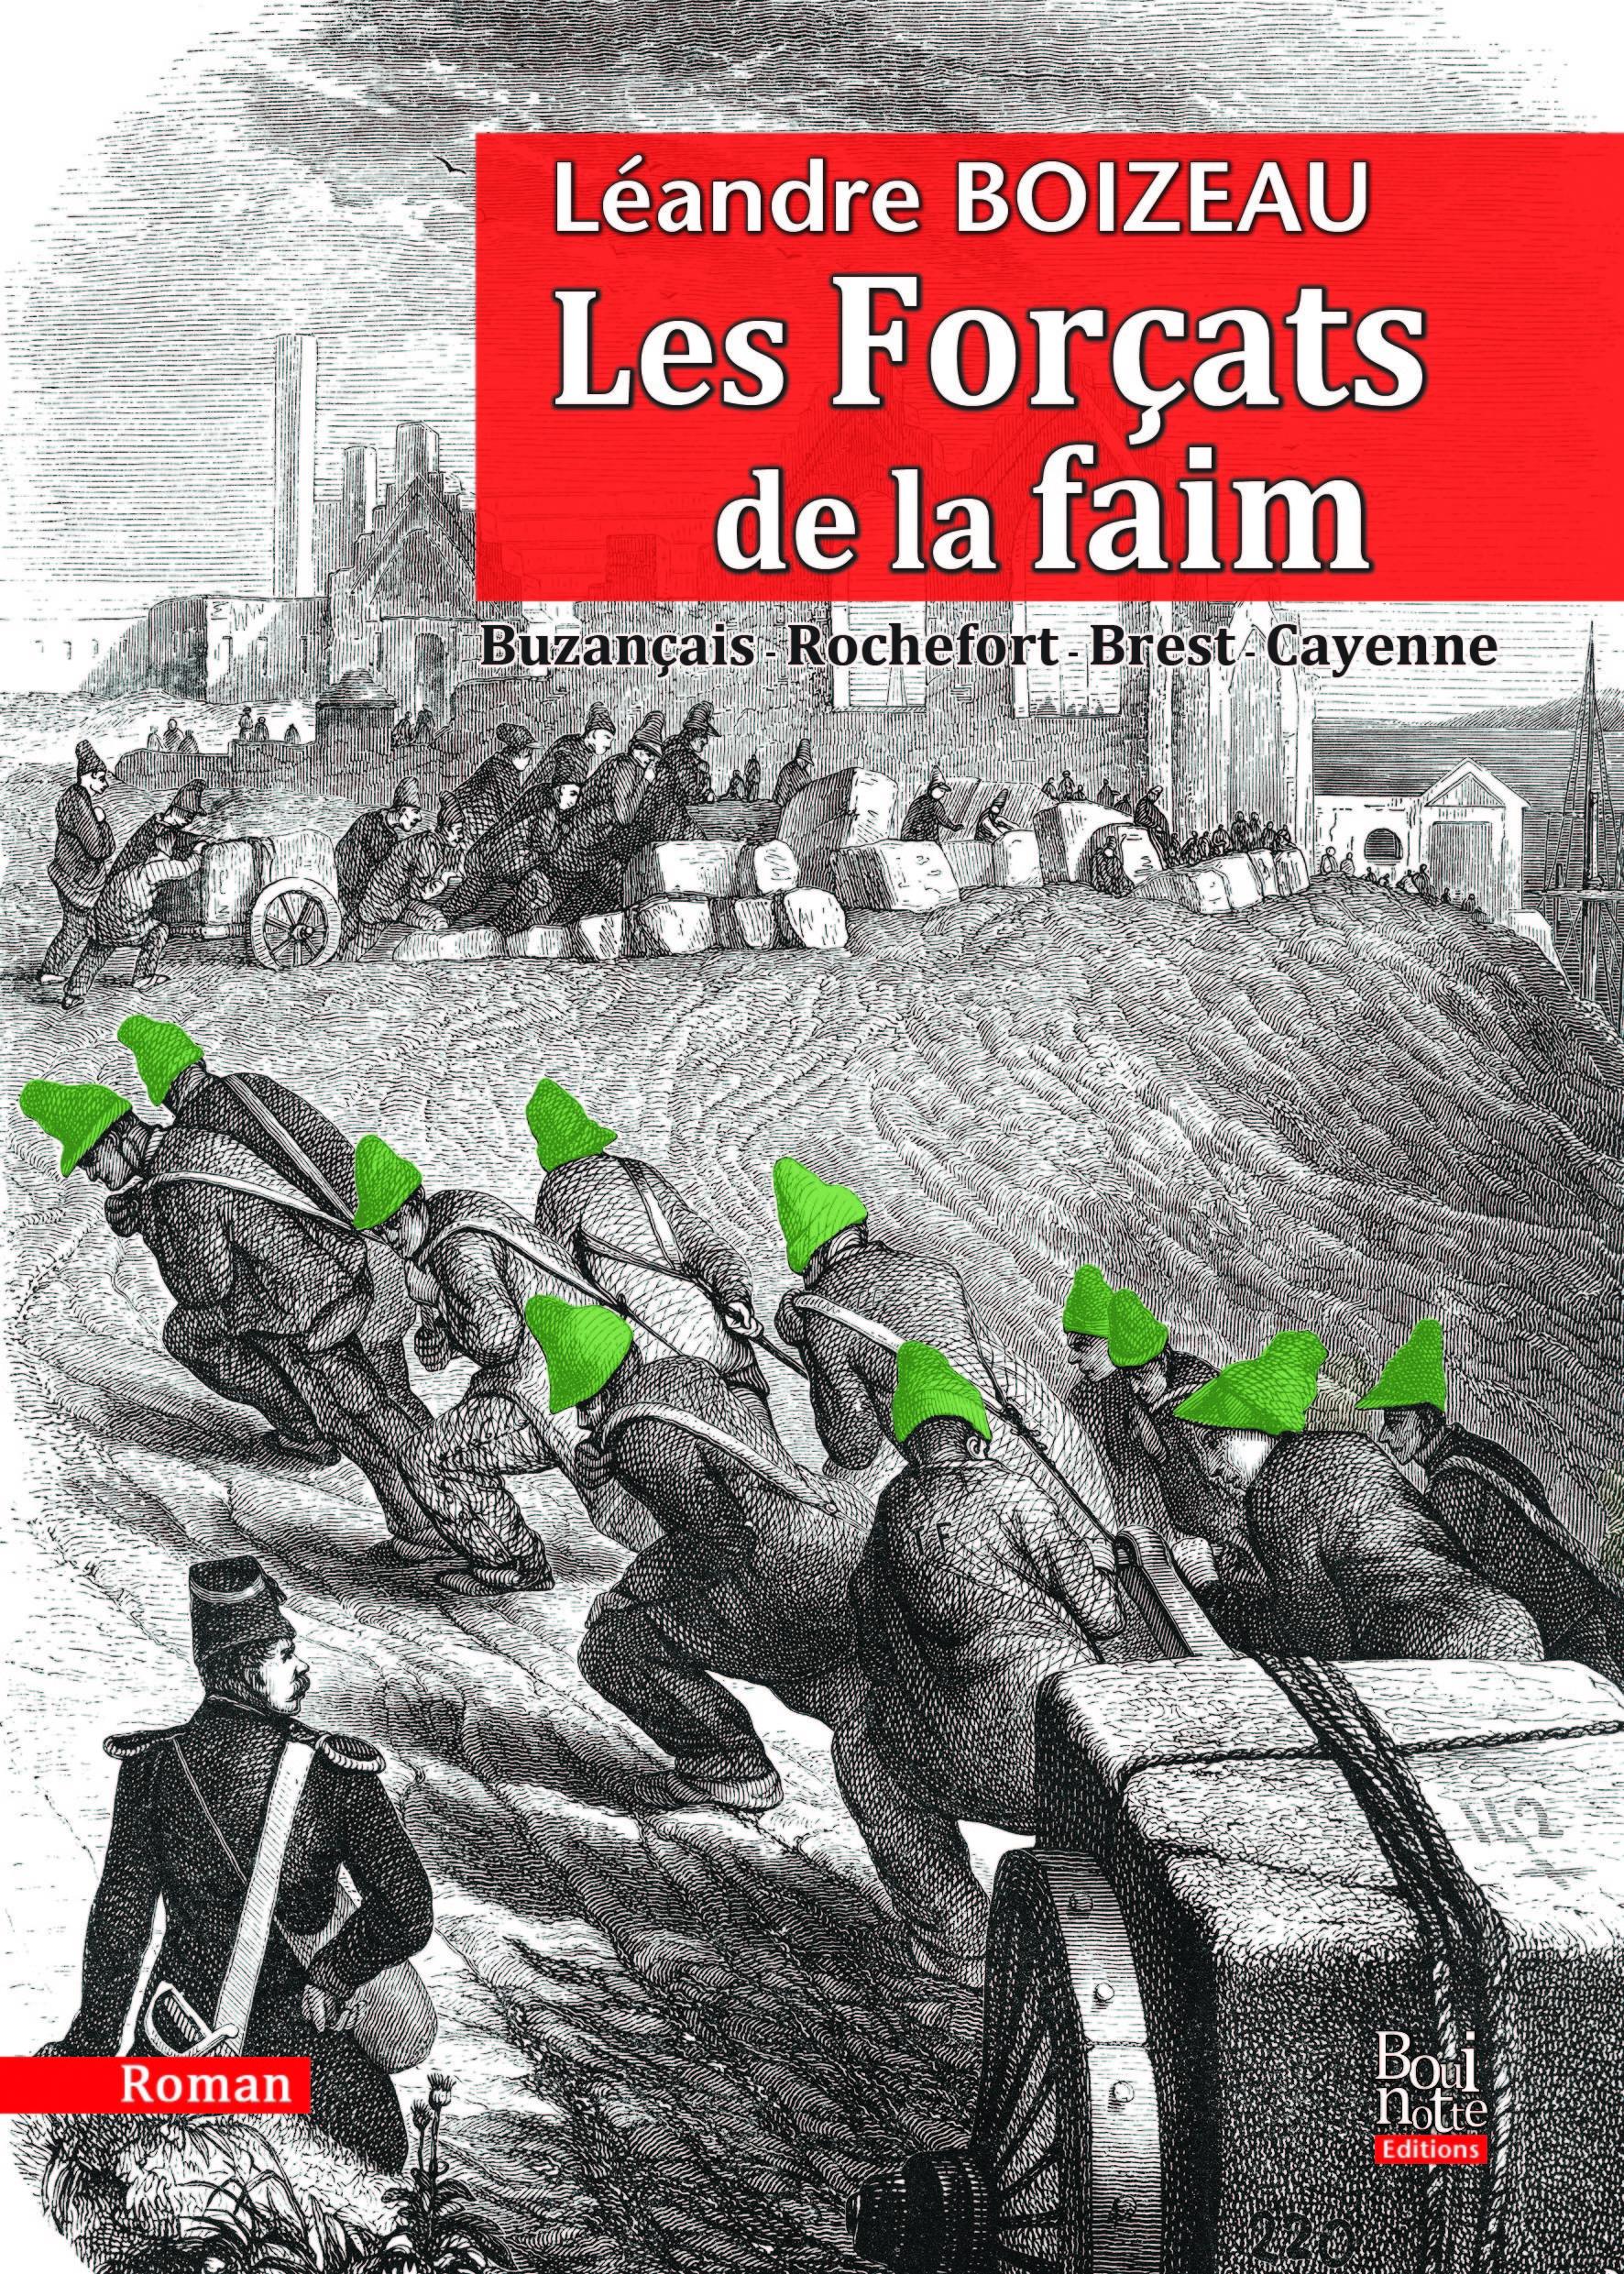 LES FORCATS DE LA FAIM BUZANCAIS-ROCHEFORT-BREST-CAYENNE